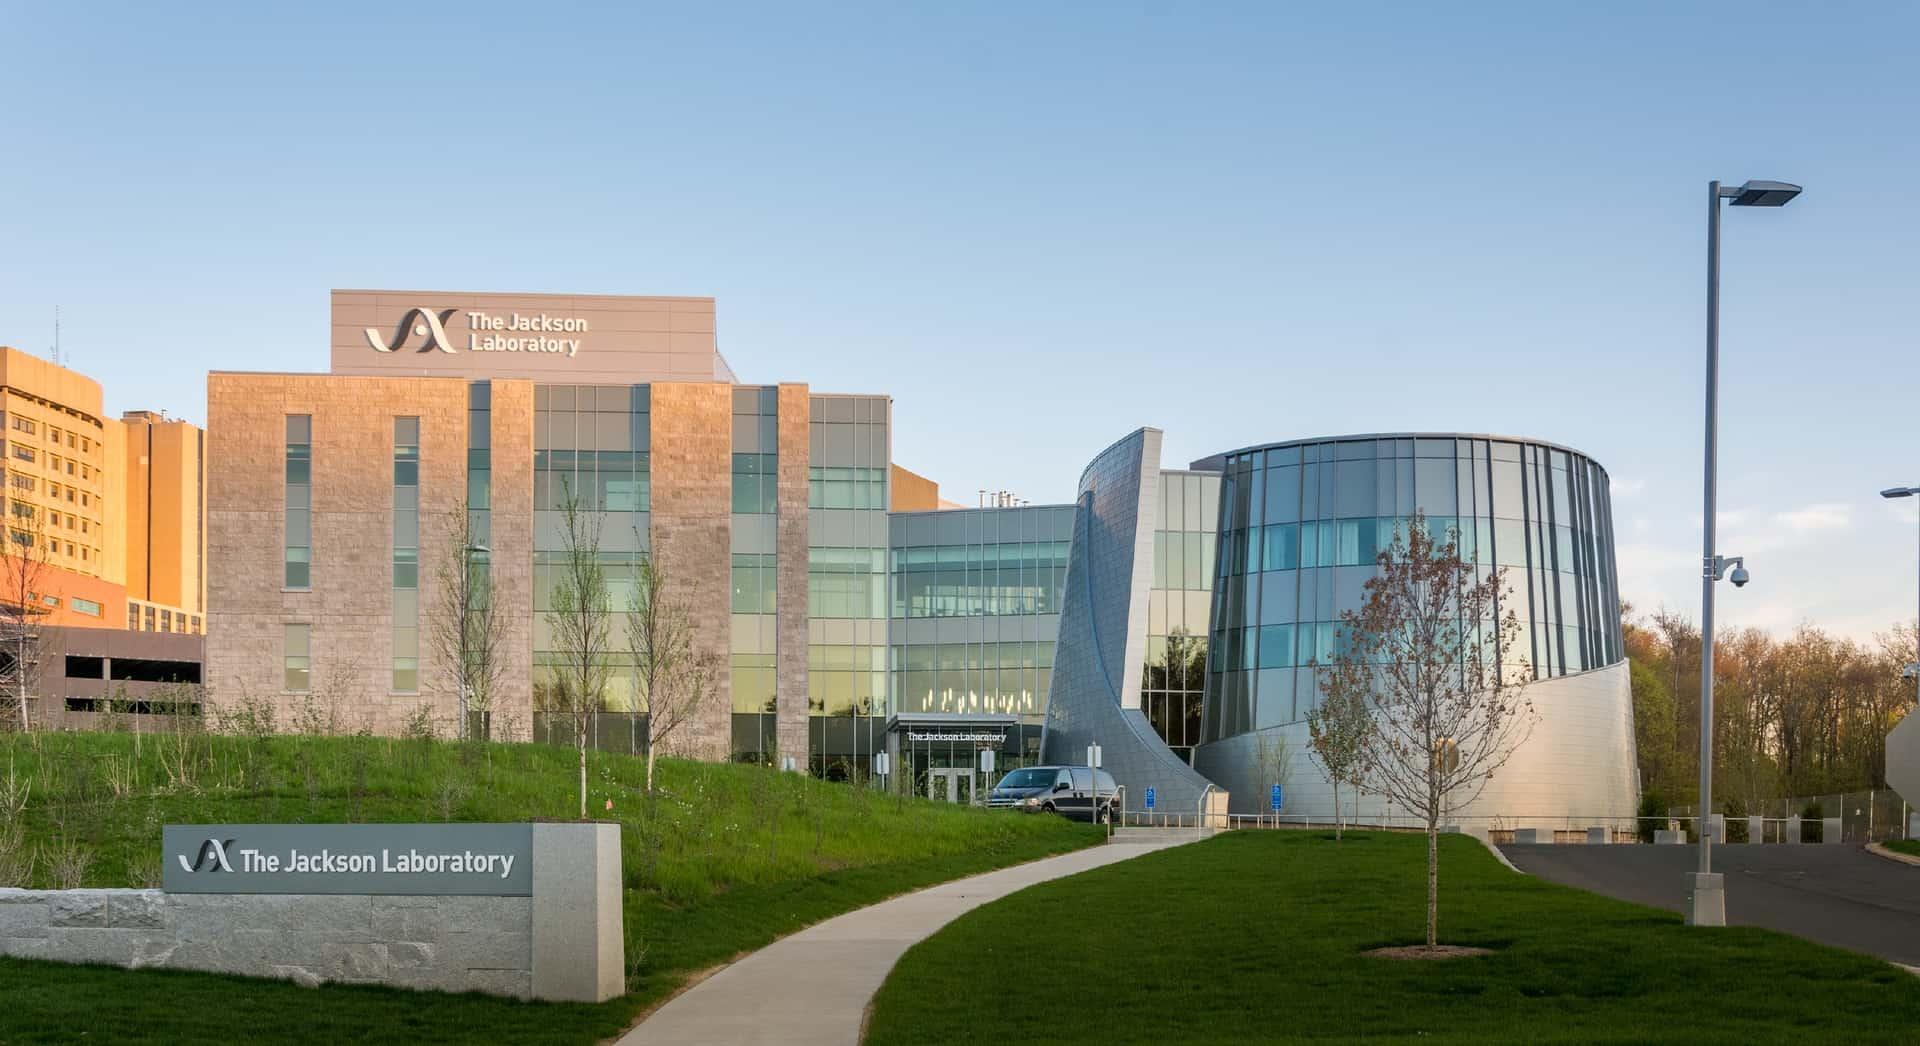 photo by Derek Hayn/Centerbrook Architects